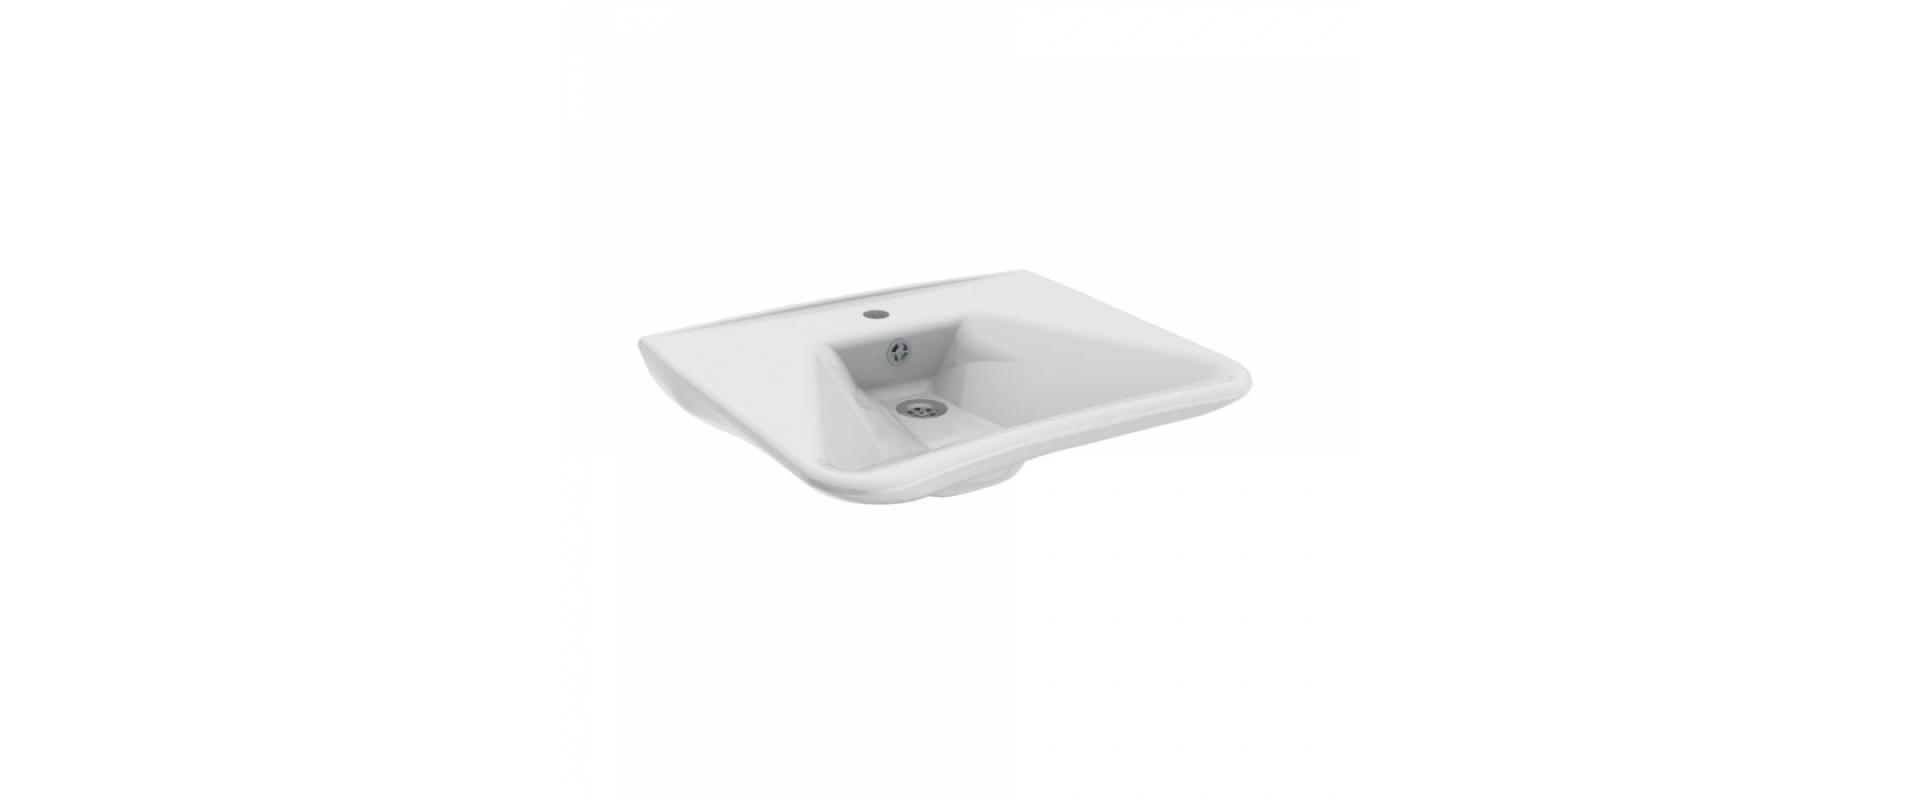 Tvättställ 425-001